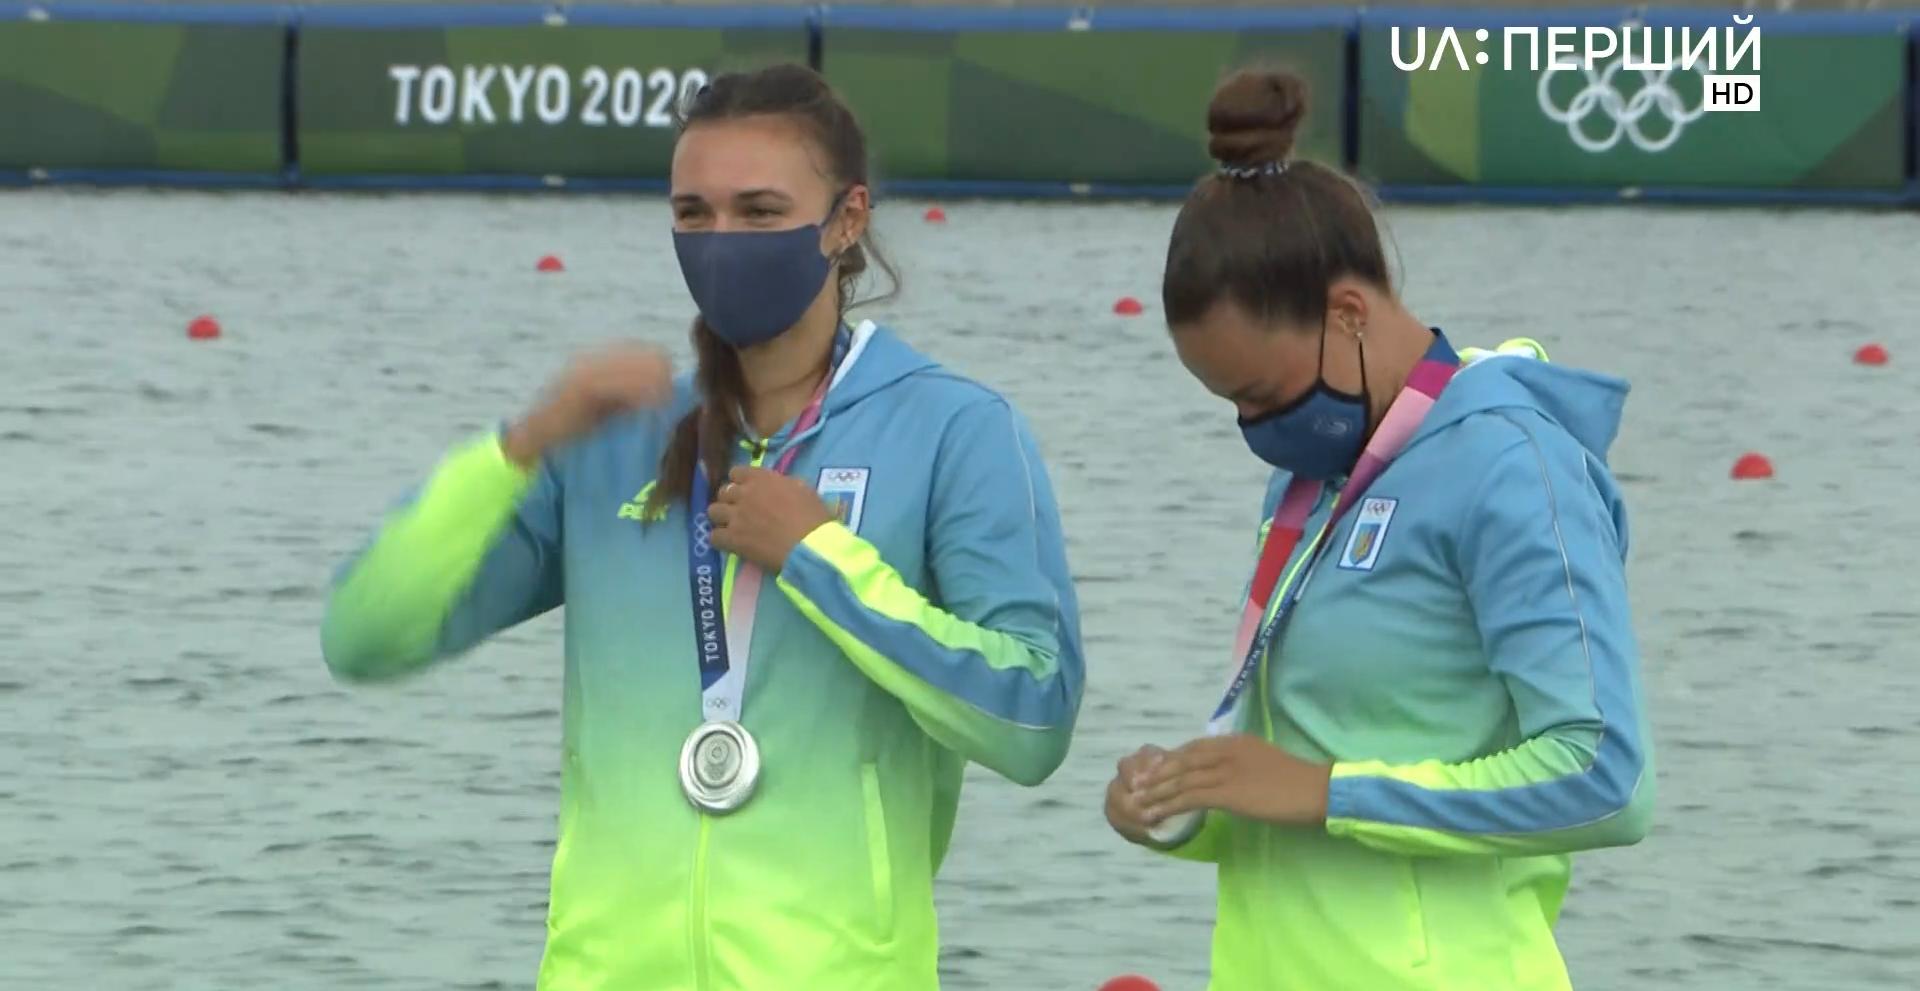 Лузан, Четверікова, каное-двійки, Олімпіада-2020, Токіо-2020, срібло, спорт, Україна.